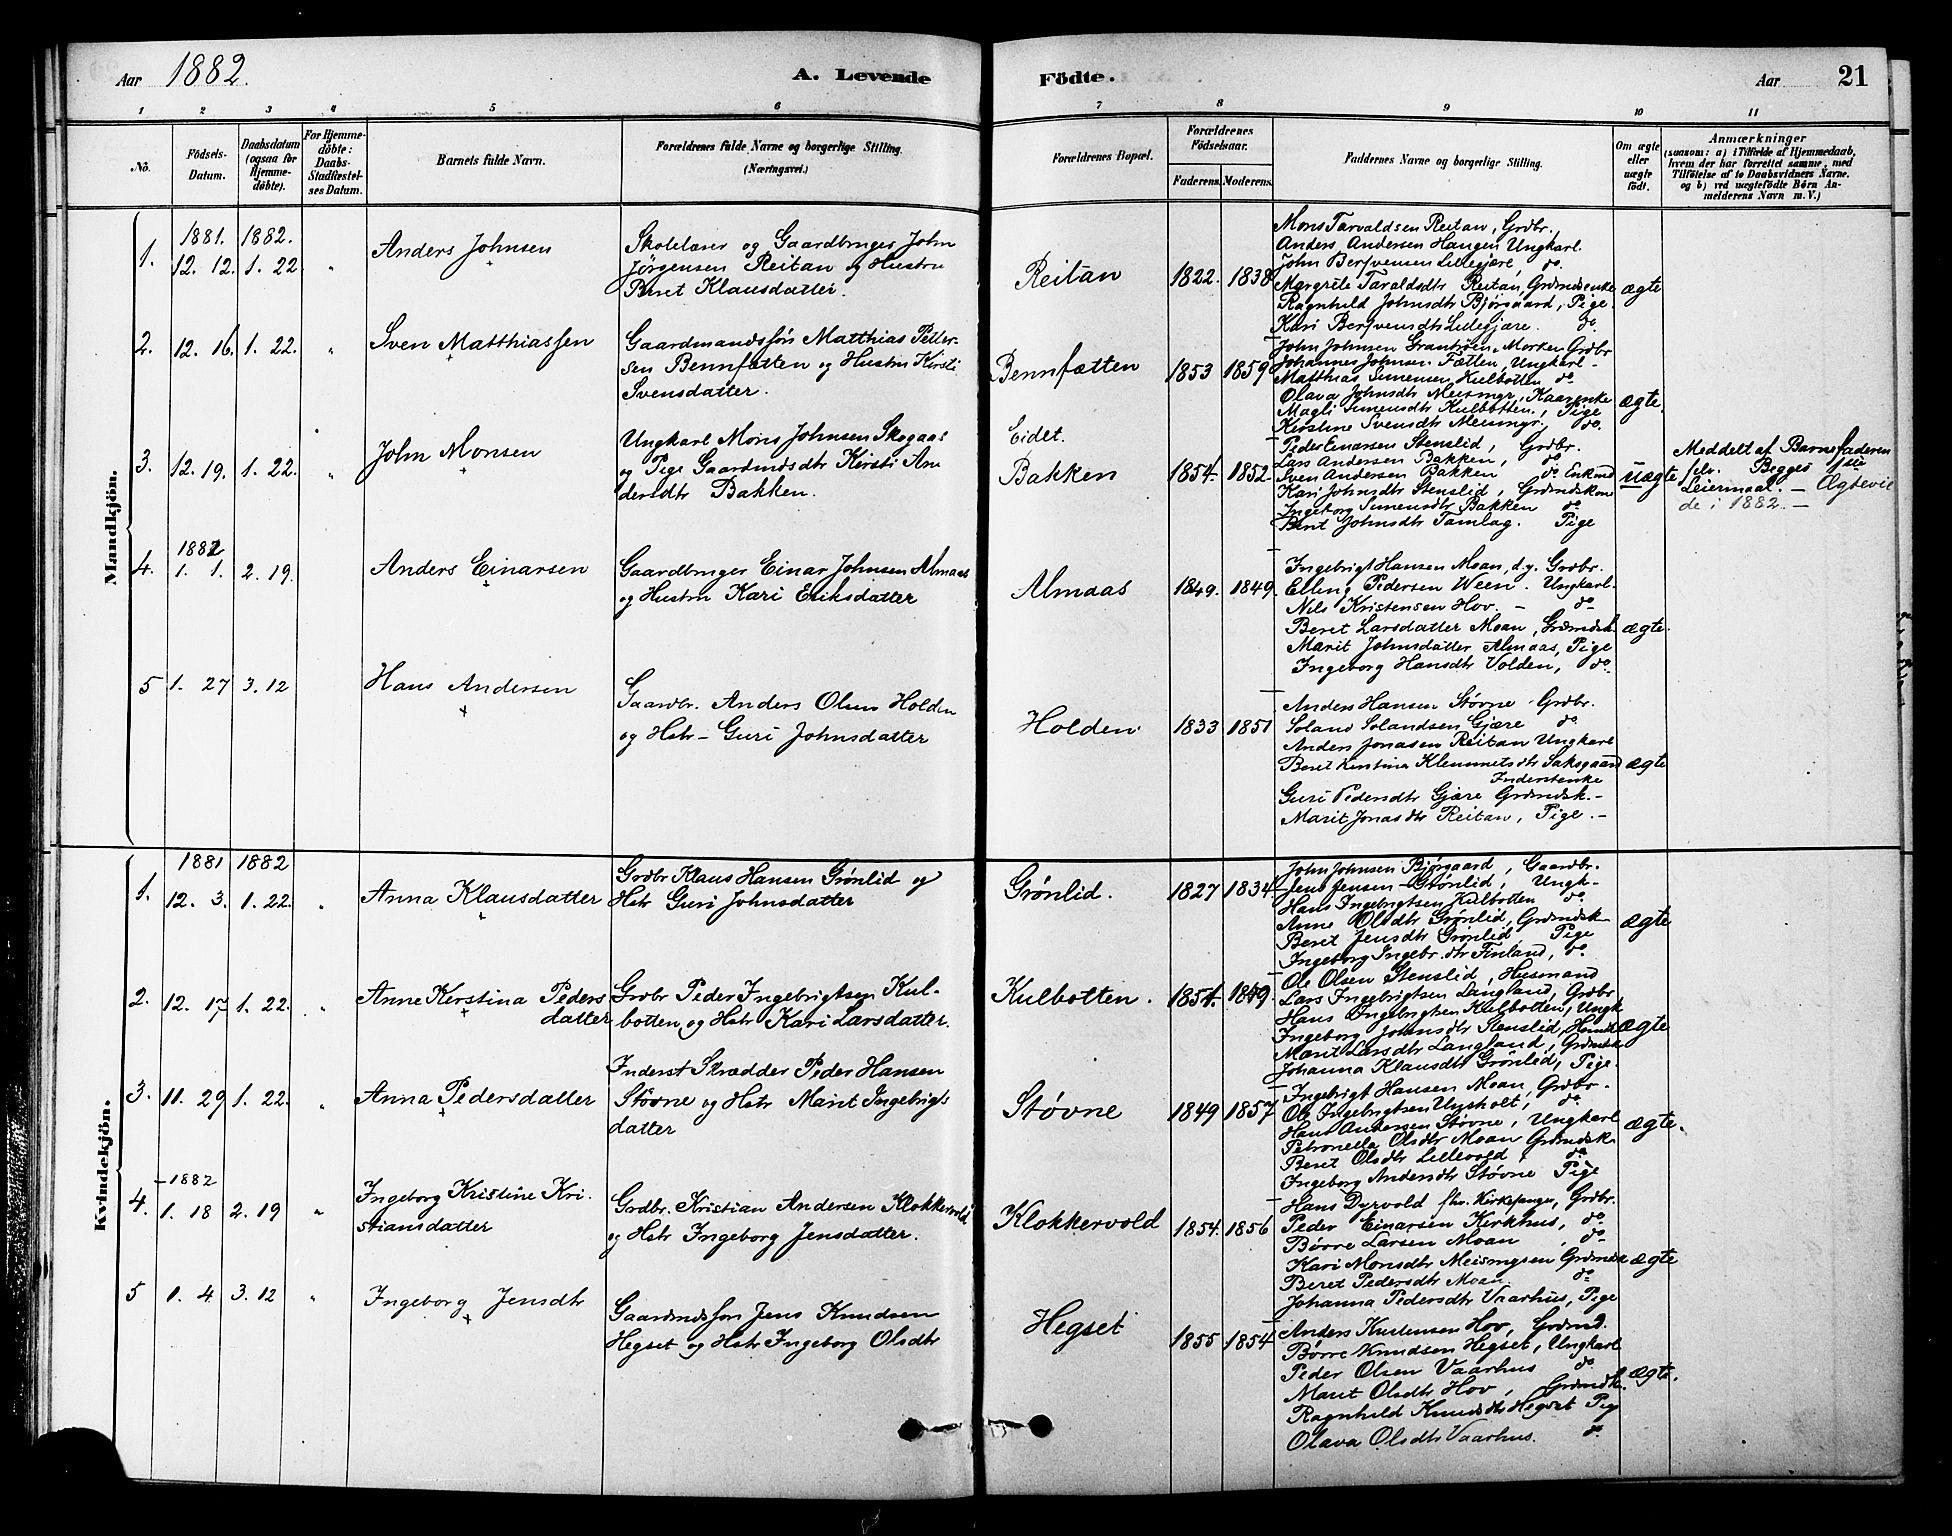 SAT, Ministerialprotokoller, klokkerbøker og fødselsregistre - Sør-Trøndelag, 686/L0983: Ministerialbok nr. 686A01, 1879-1890, s. 21